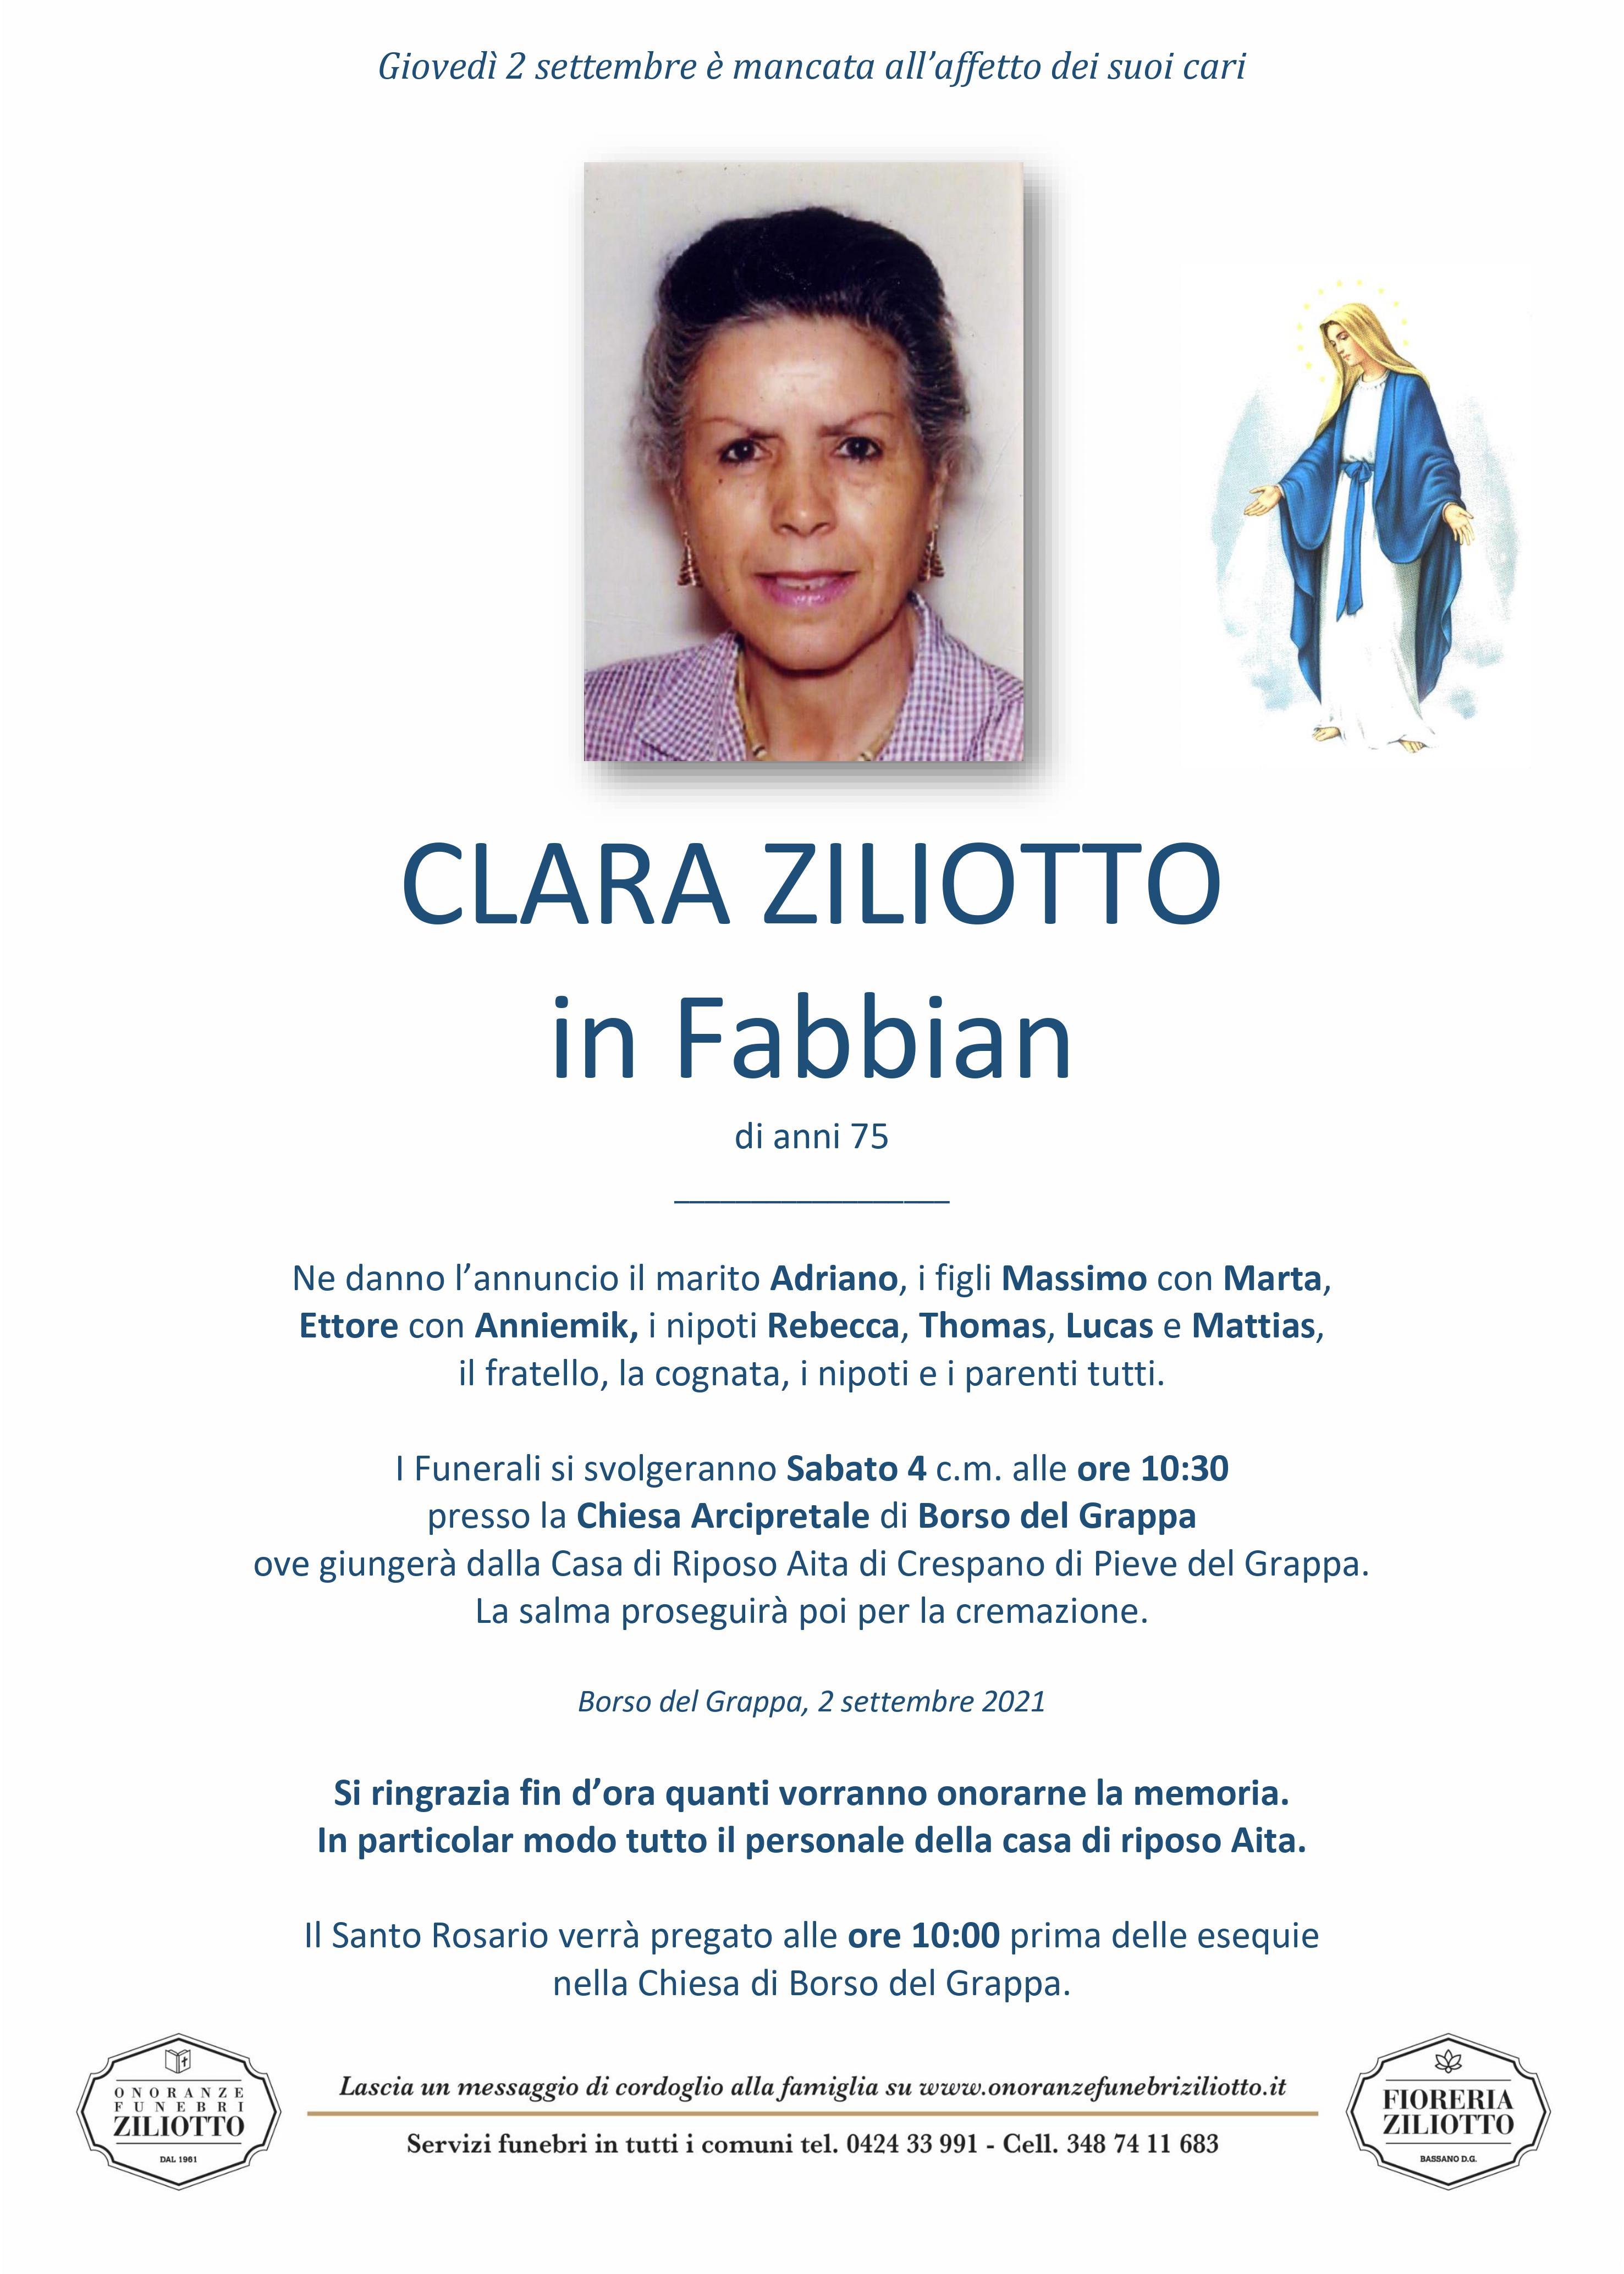 Clara Ziliotto - 75 anni - Borso del Grappa